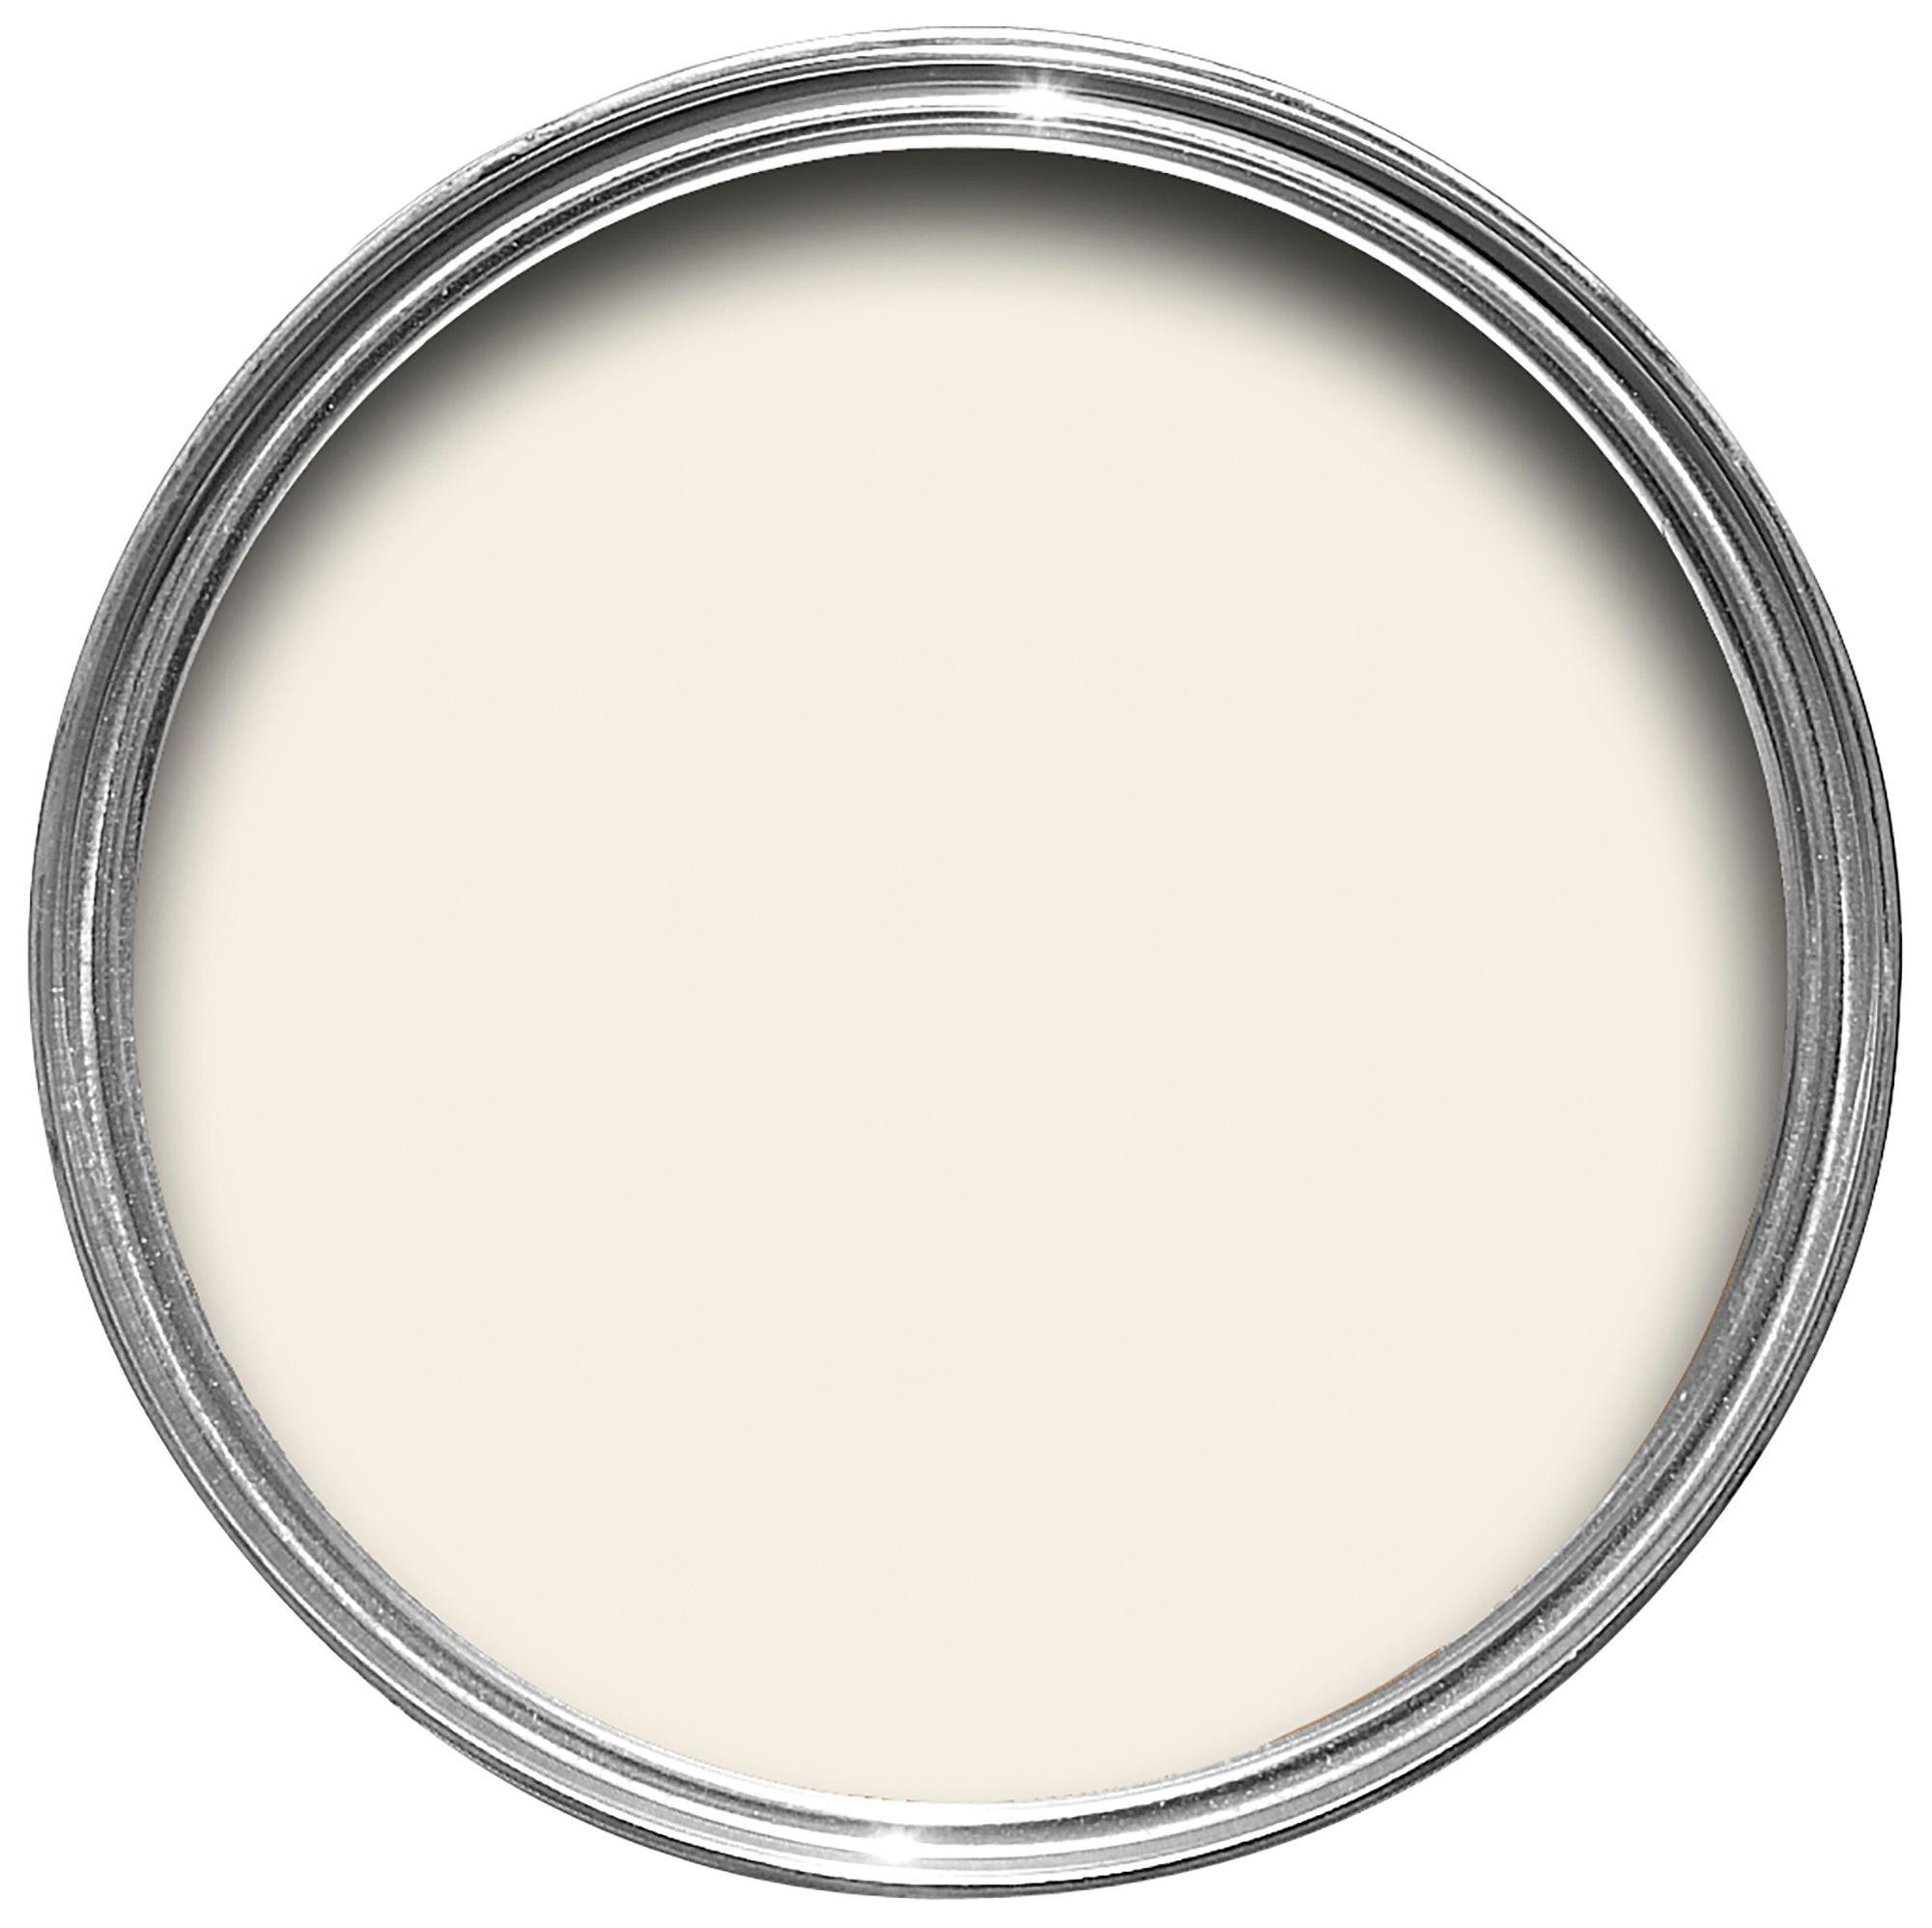 Dulux White Mist Matt Emulsion Paint 50ml Tester Pot